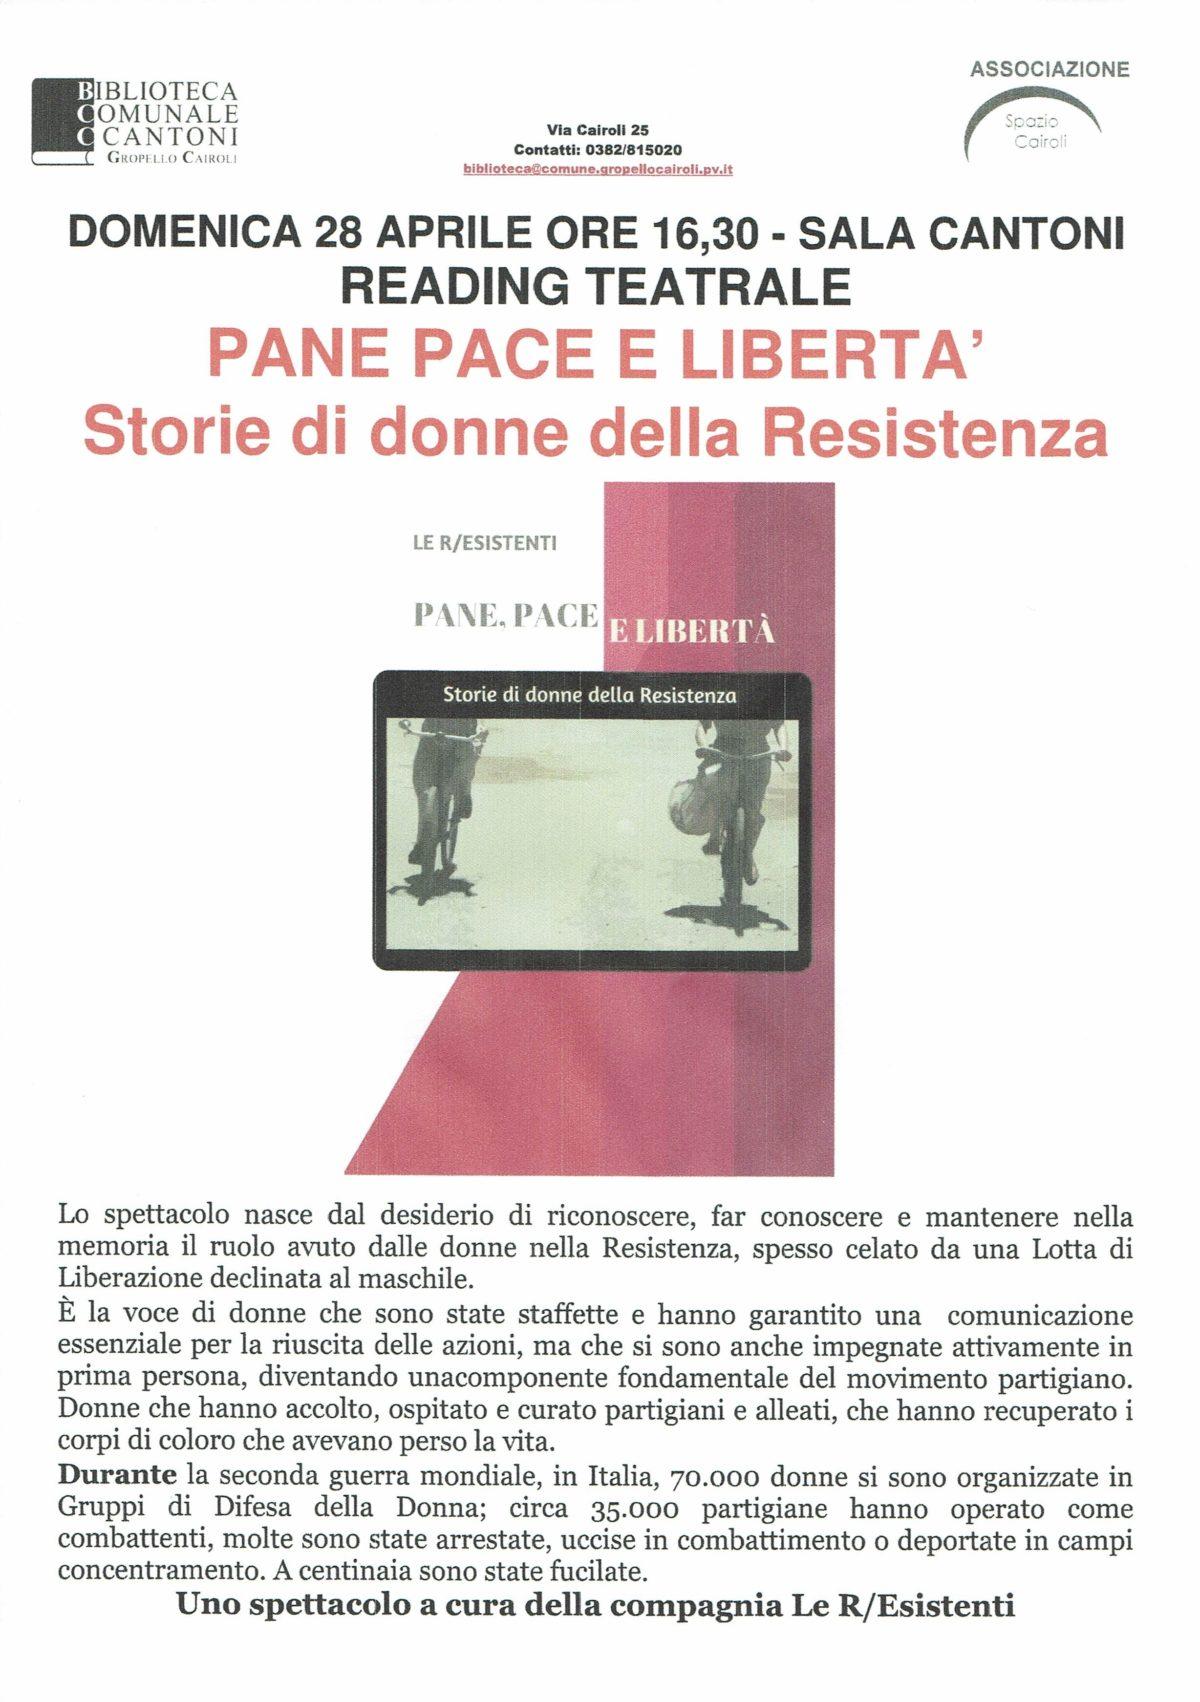 """domenica 28 aprile ore 16,30 Sala Cantoni Reading Teatrale """"Pane pace e libertà: Storie di donne della Resistenza"""""""